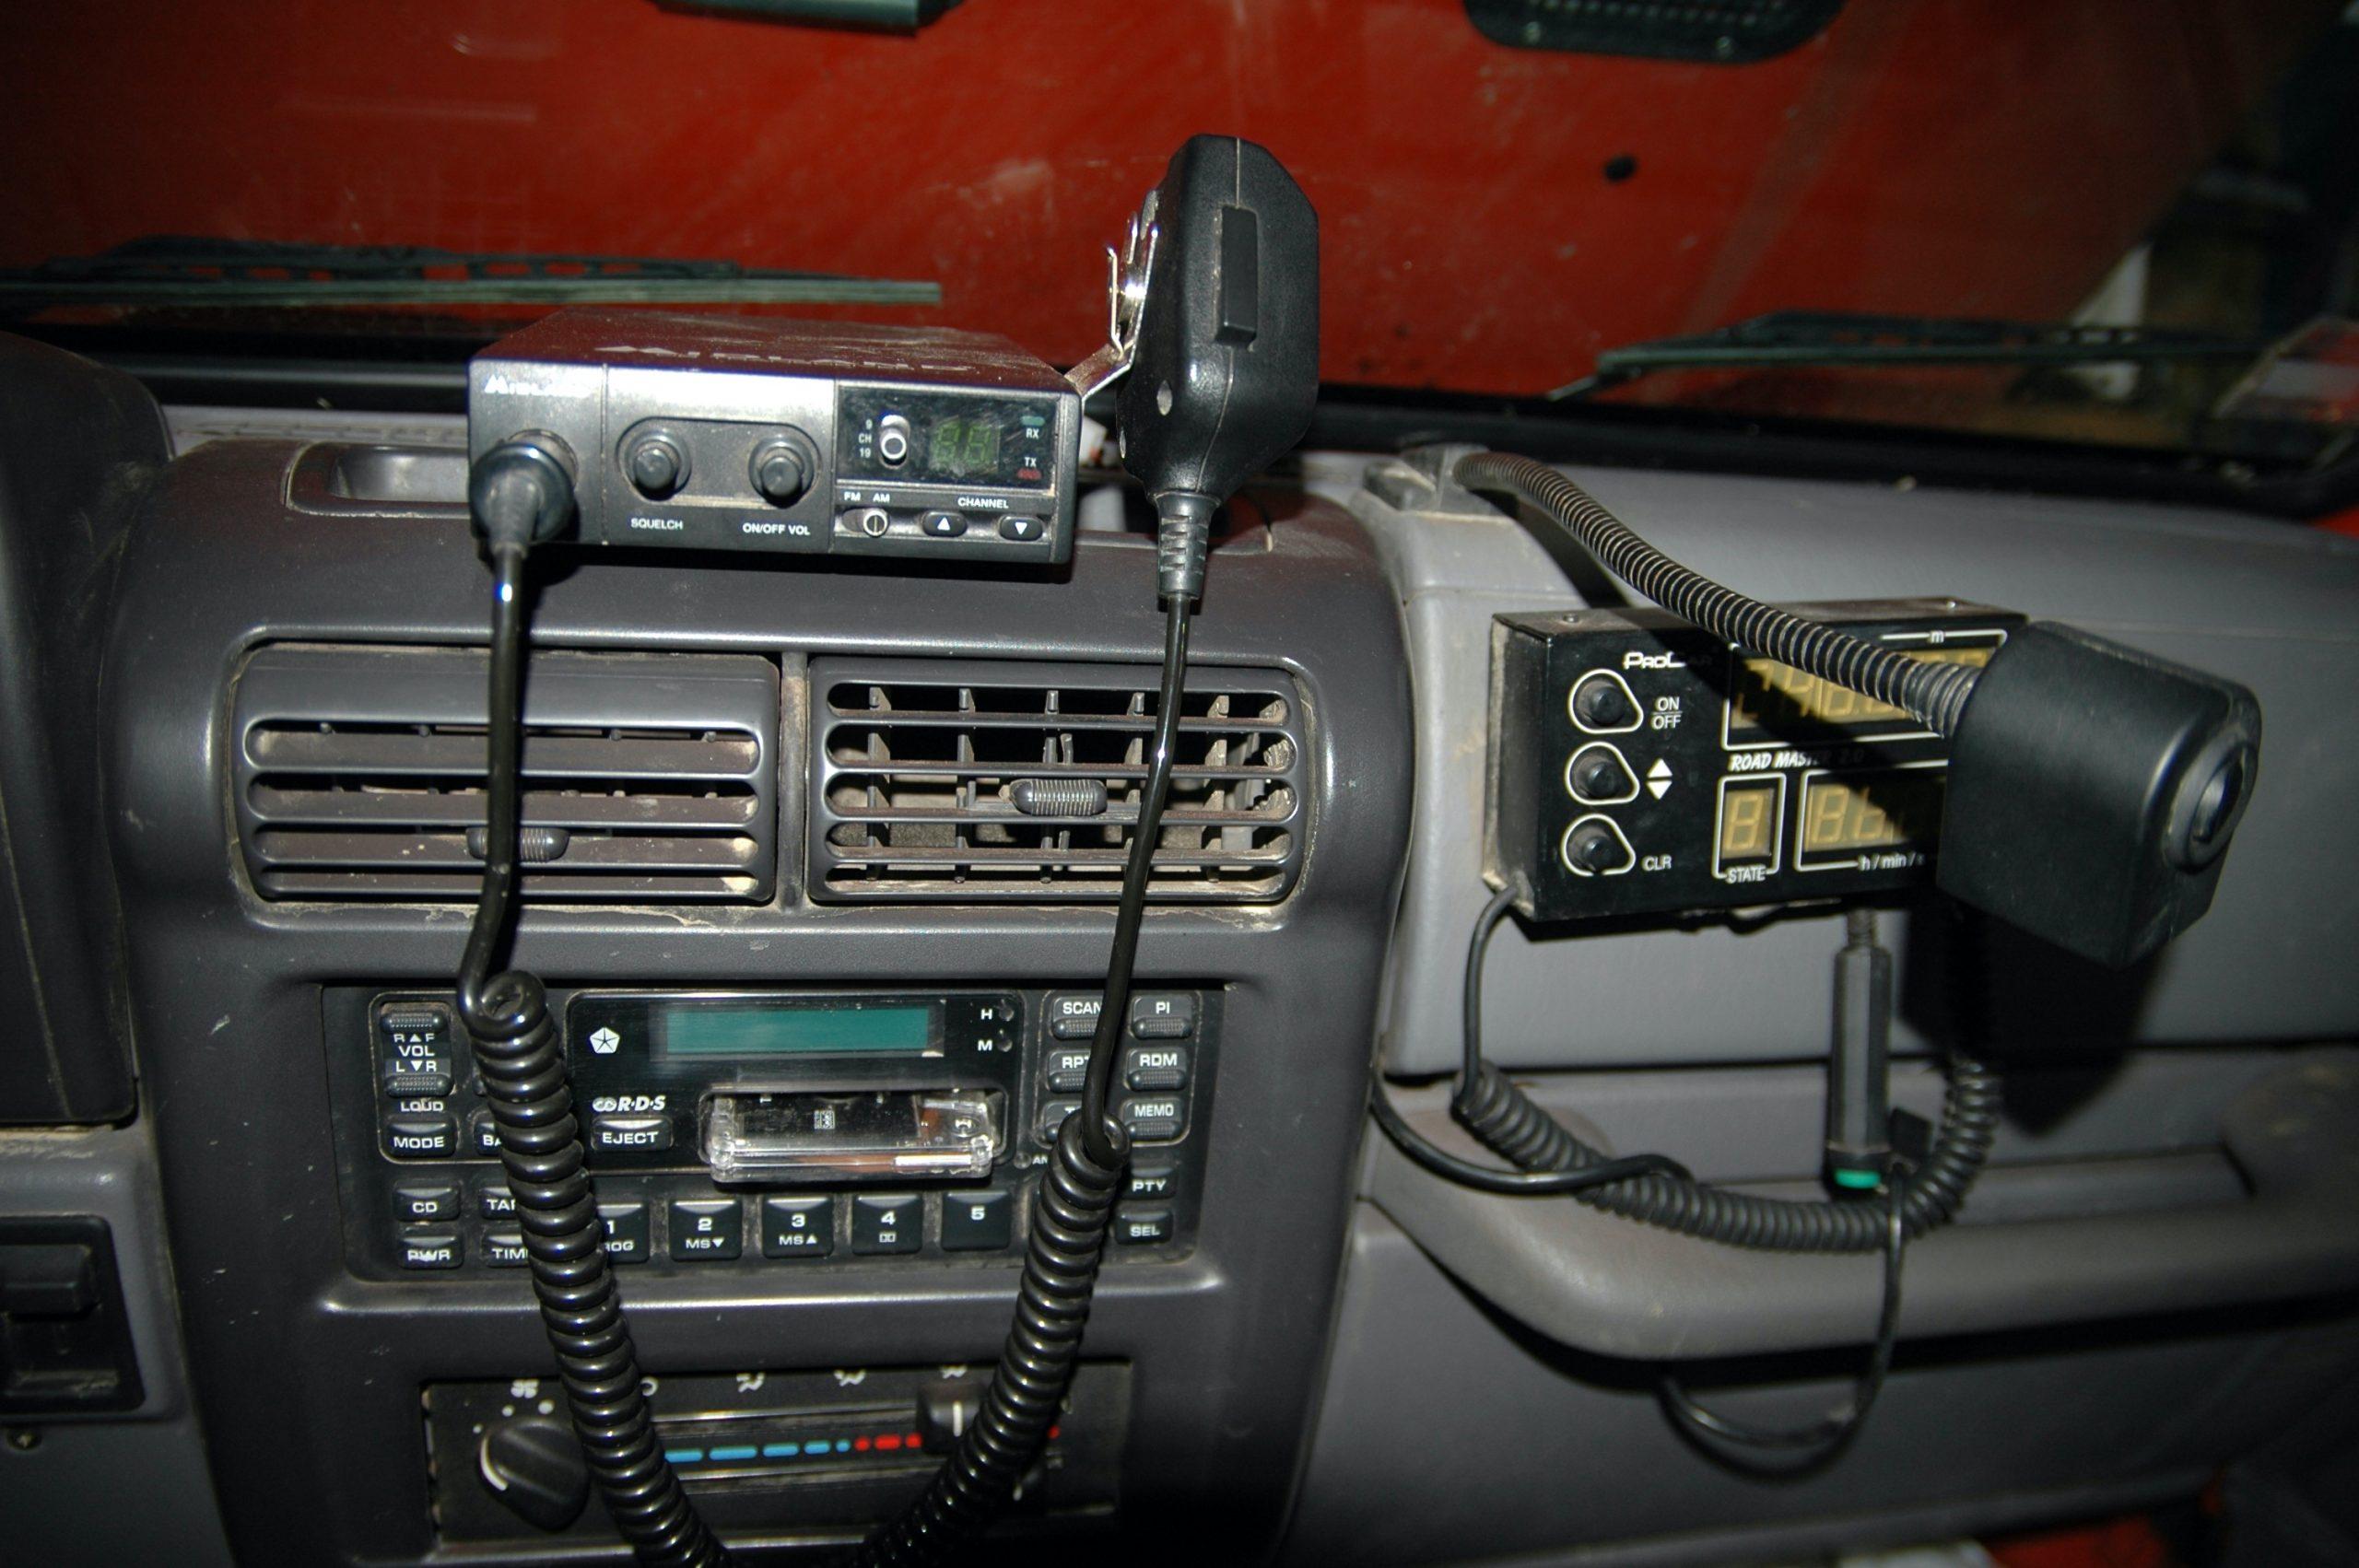 Jeep Wrangler TJ.W środku domontowało niezbędne gadżety – metromierz, CB, dodatkowa lampka.